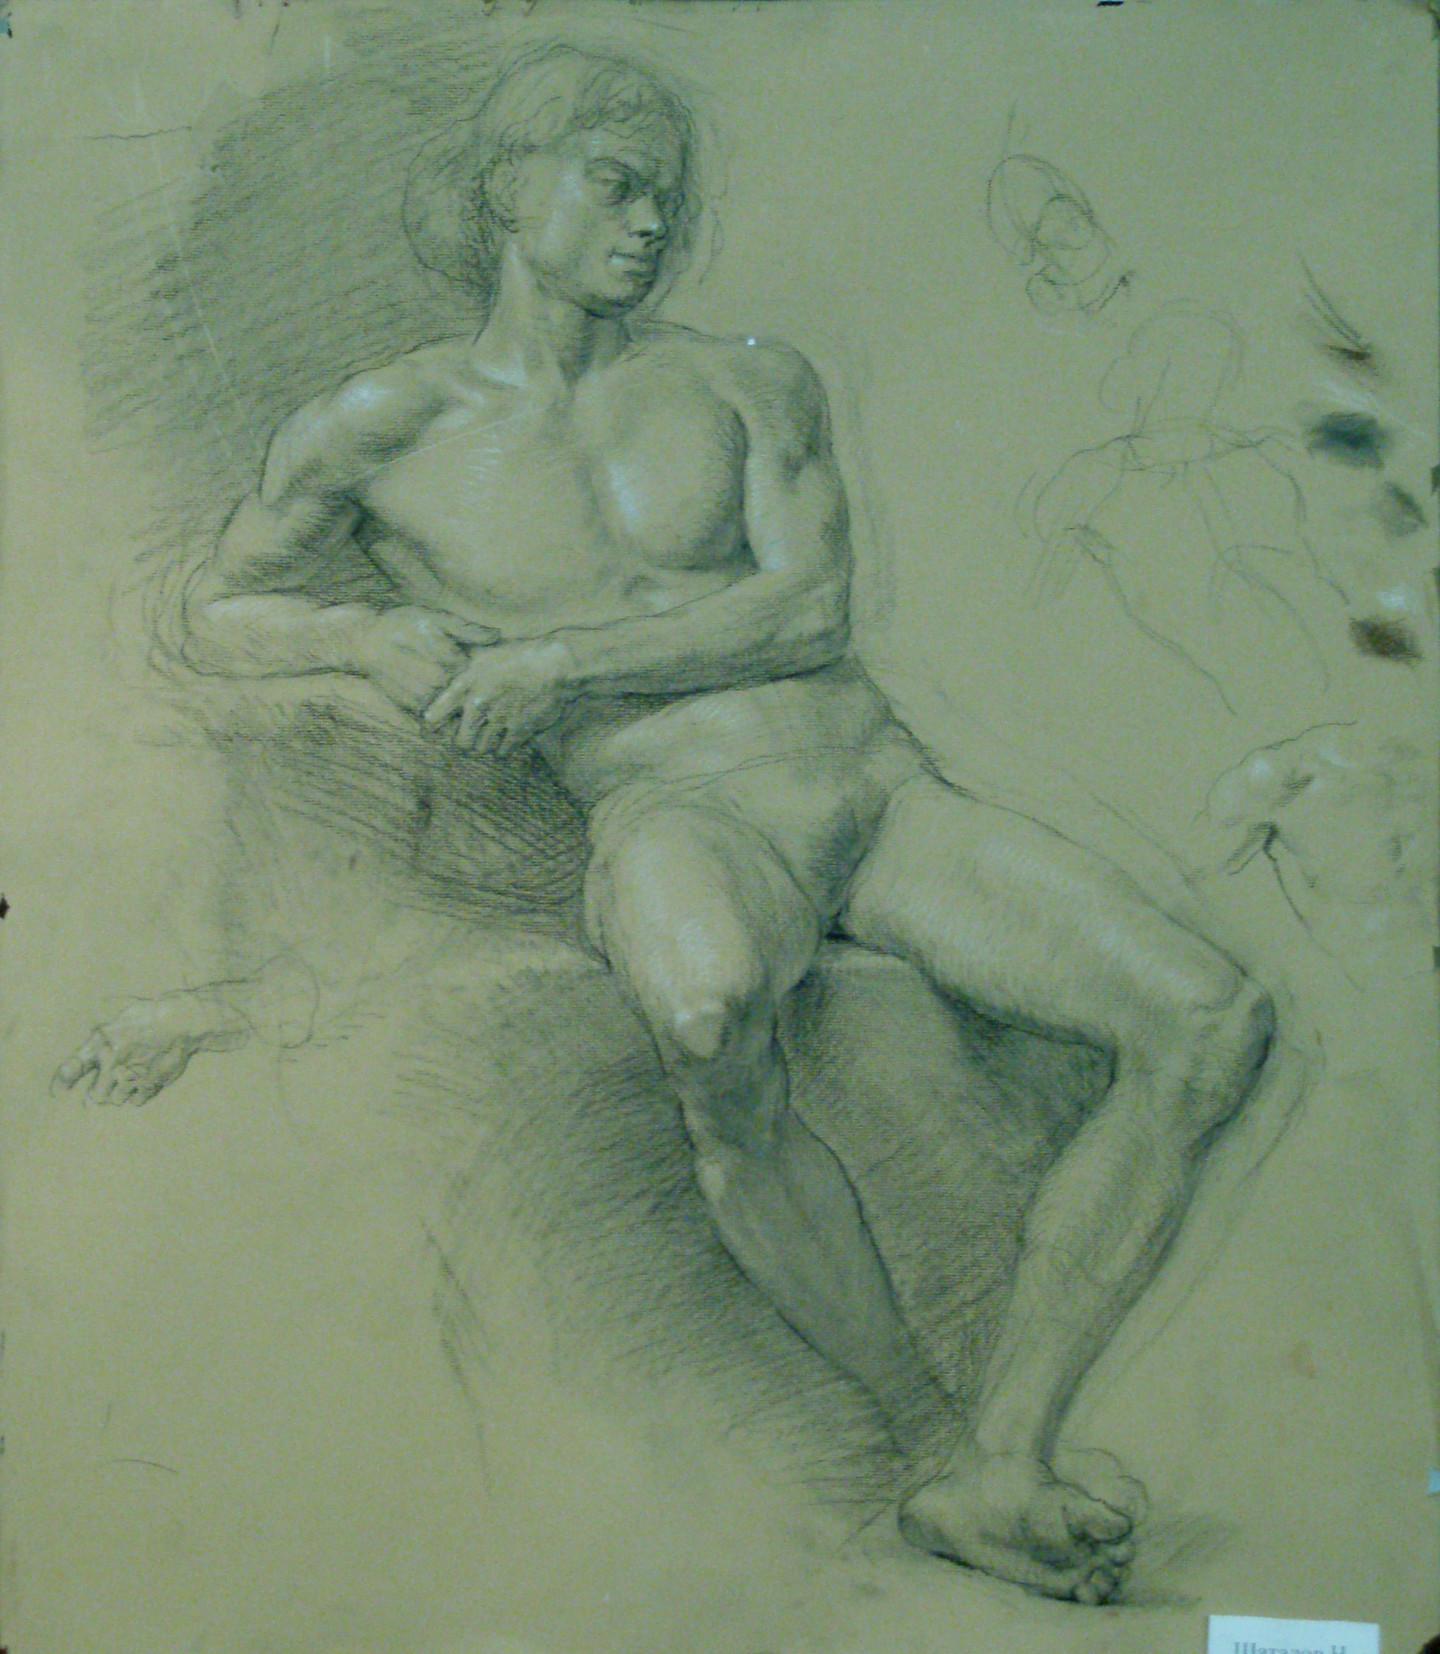 Николай Шаталов - Sitting male nude